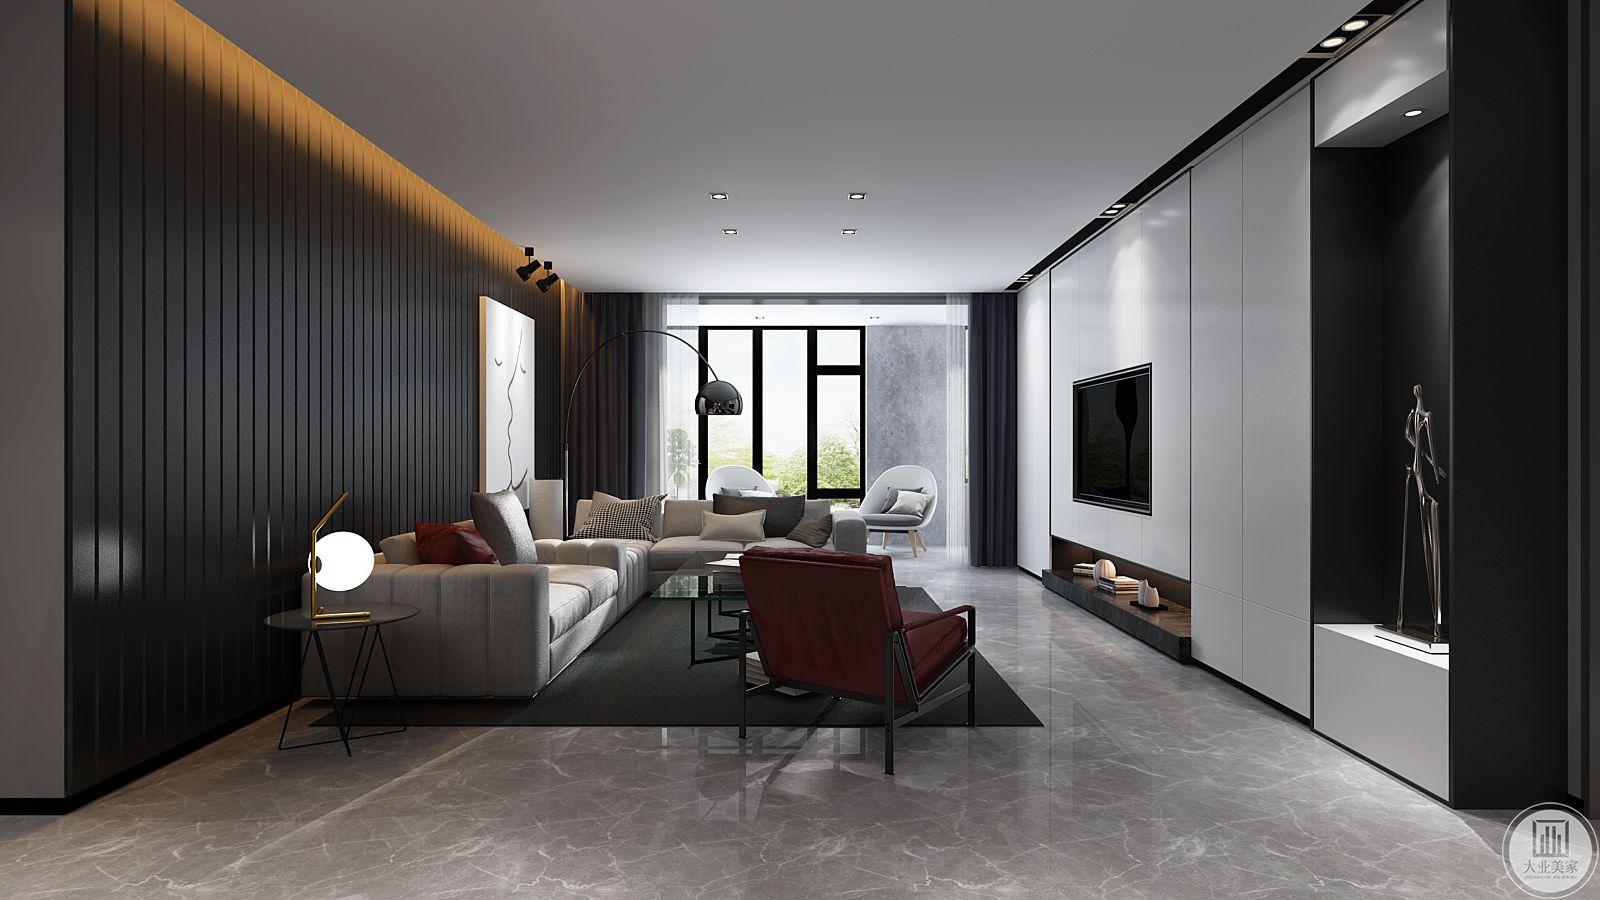 客厅在一个空间可以感受几个空间的存在,空间没有进行过多的界定,这正是空间的魅力。